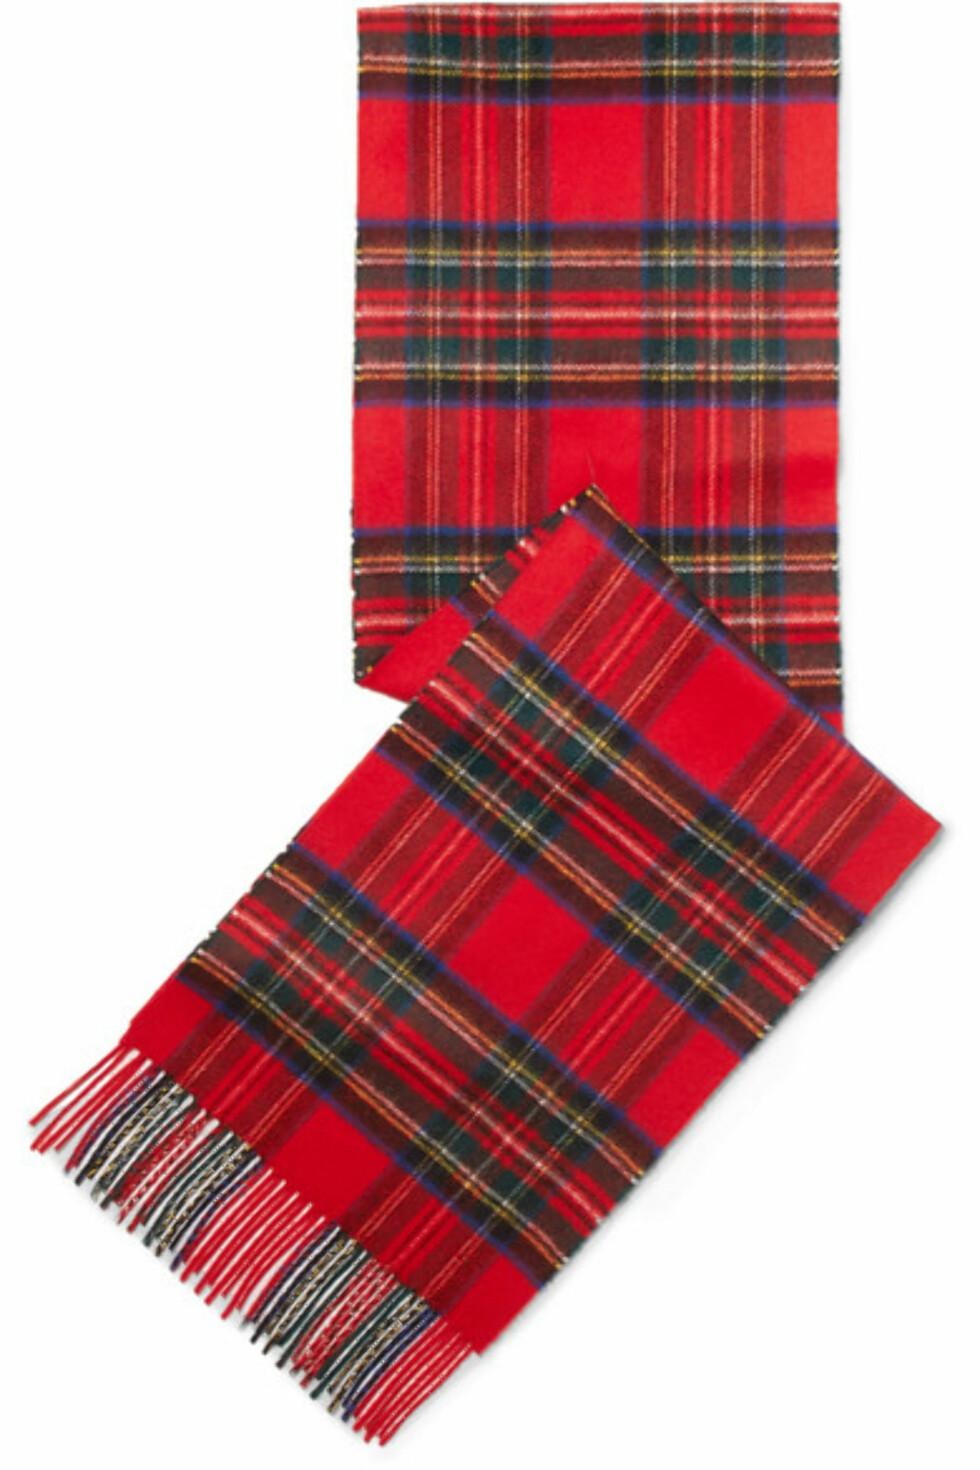 Skjerf fra Johnstons of Elgin |1035,-|https://www.net-a-porter.com/no/en/product/1029267/johnstons_of_elgin/fringed-tartan-cashmere-scarf